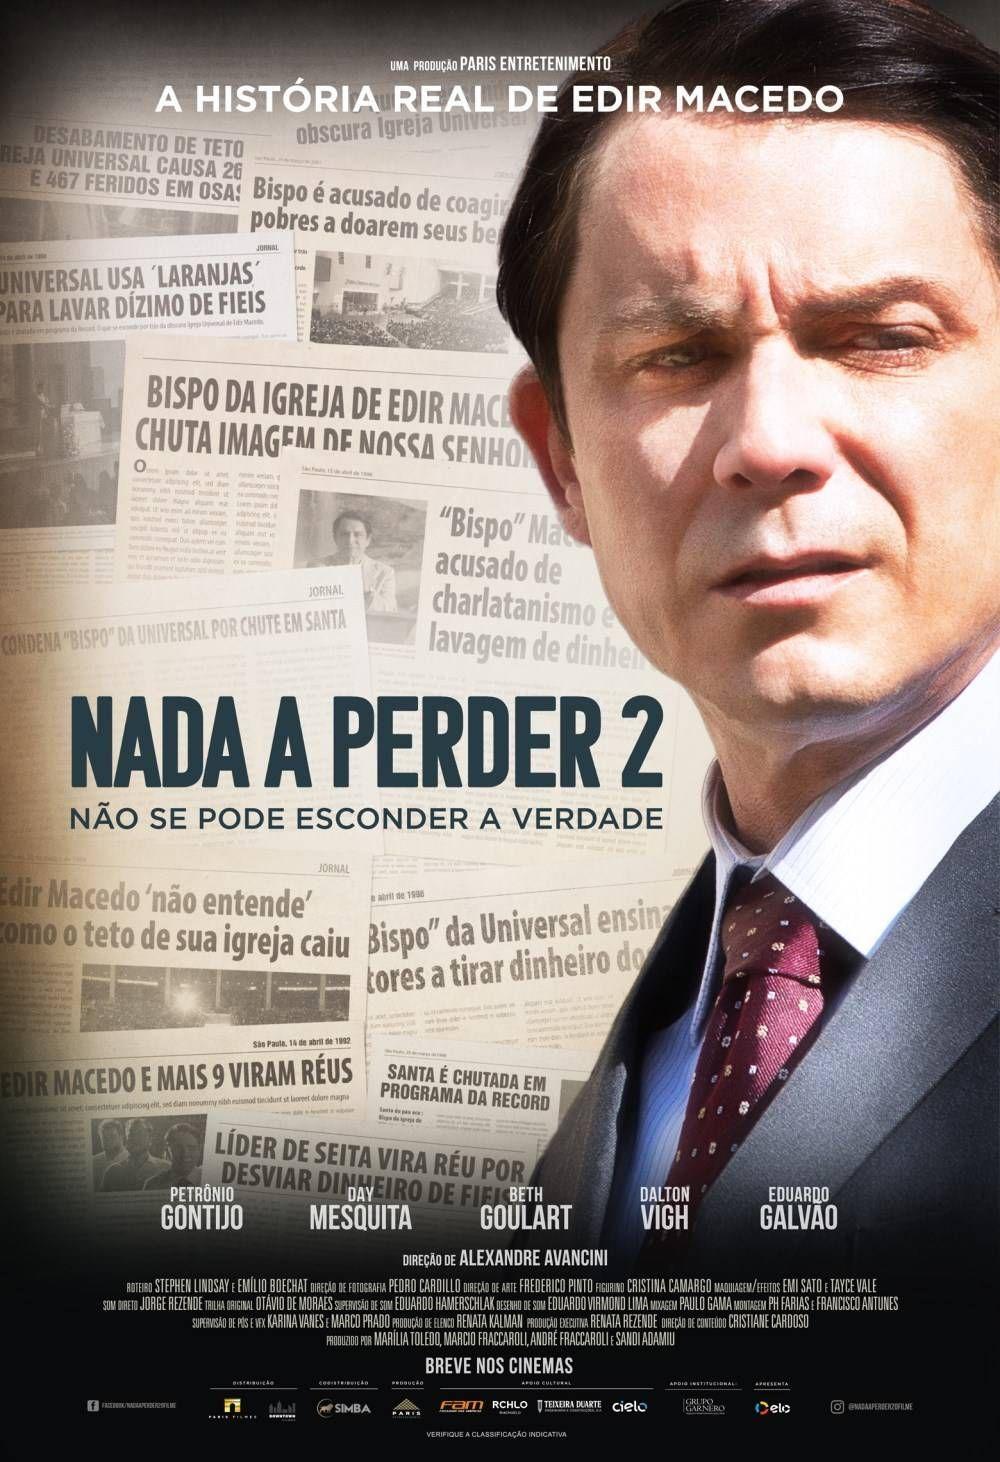 Nada A Perder 2 Tem Poster Oficial Divulgado Filmes Ver Filme